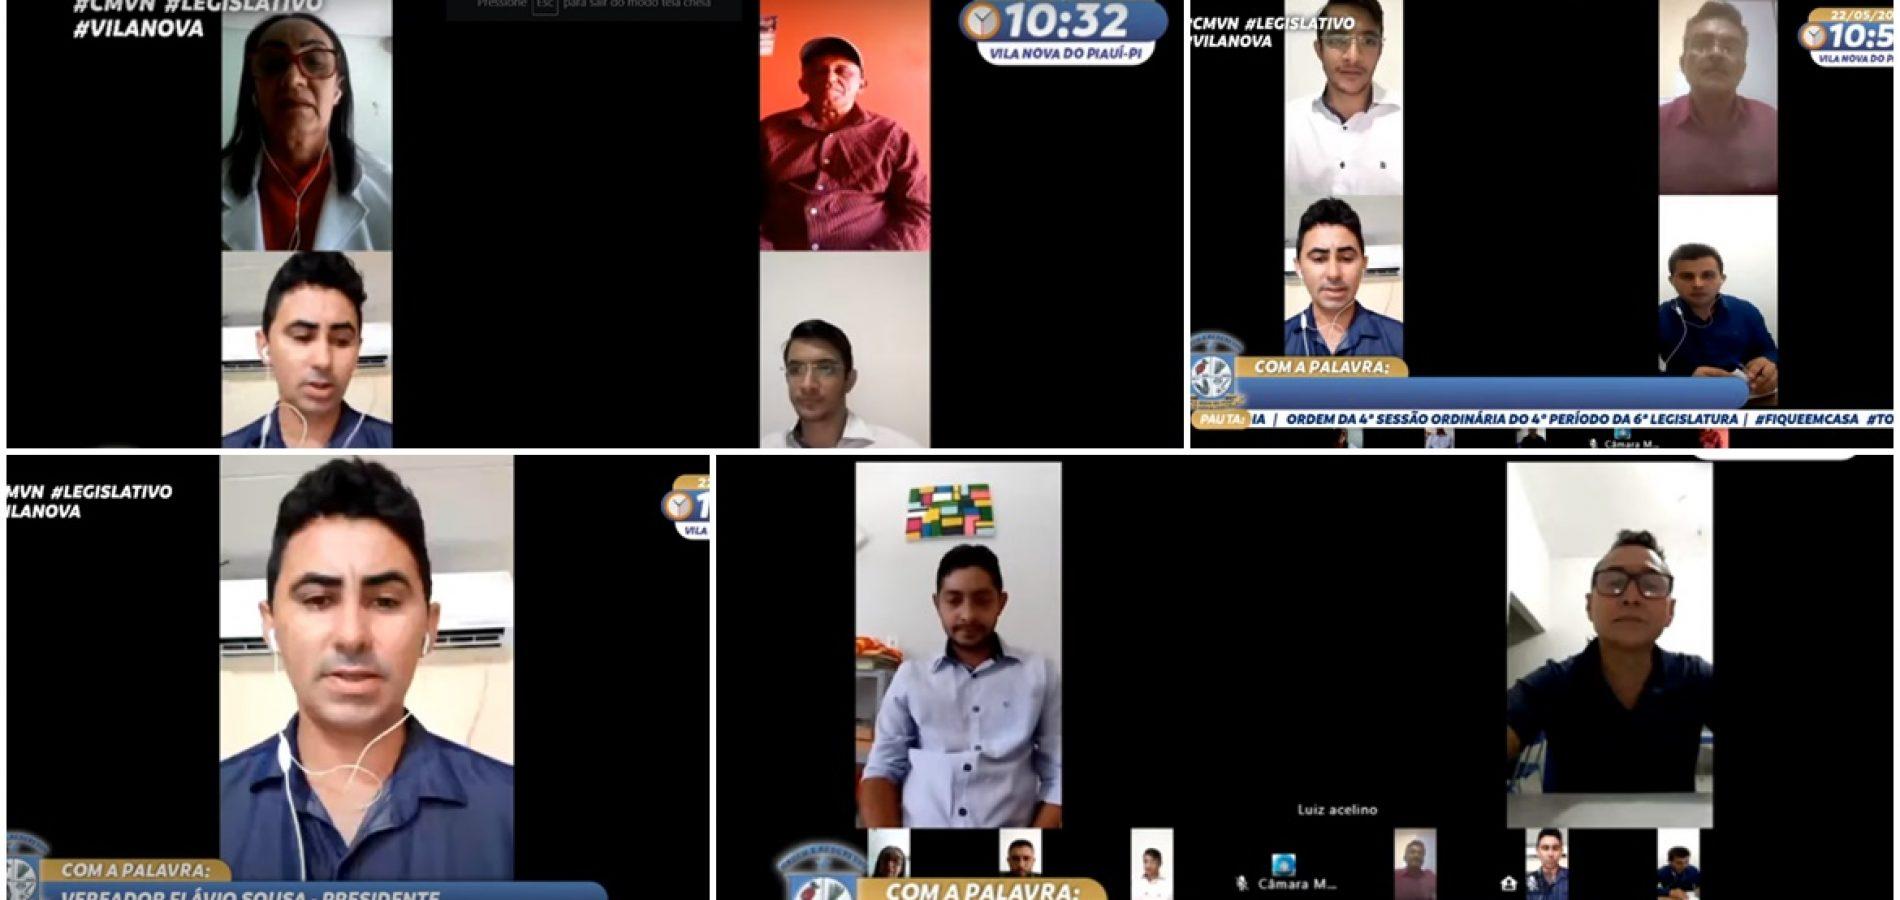 Vereadores aprovam lei e discursam durante sessão online na Câmara de Vila Nova do Piauí